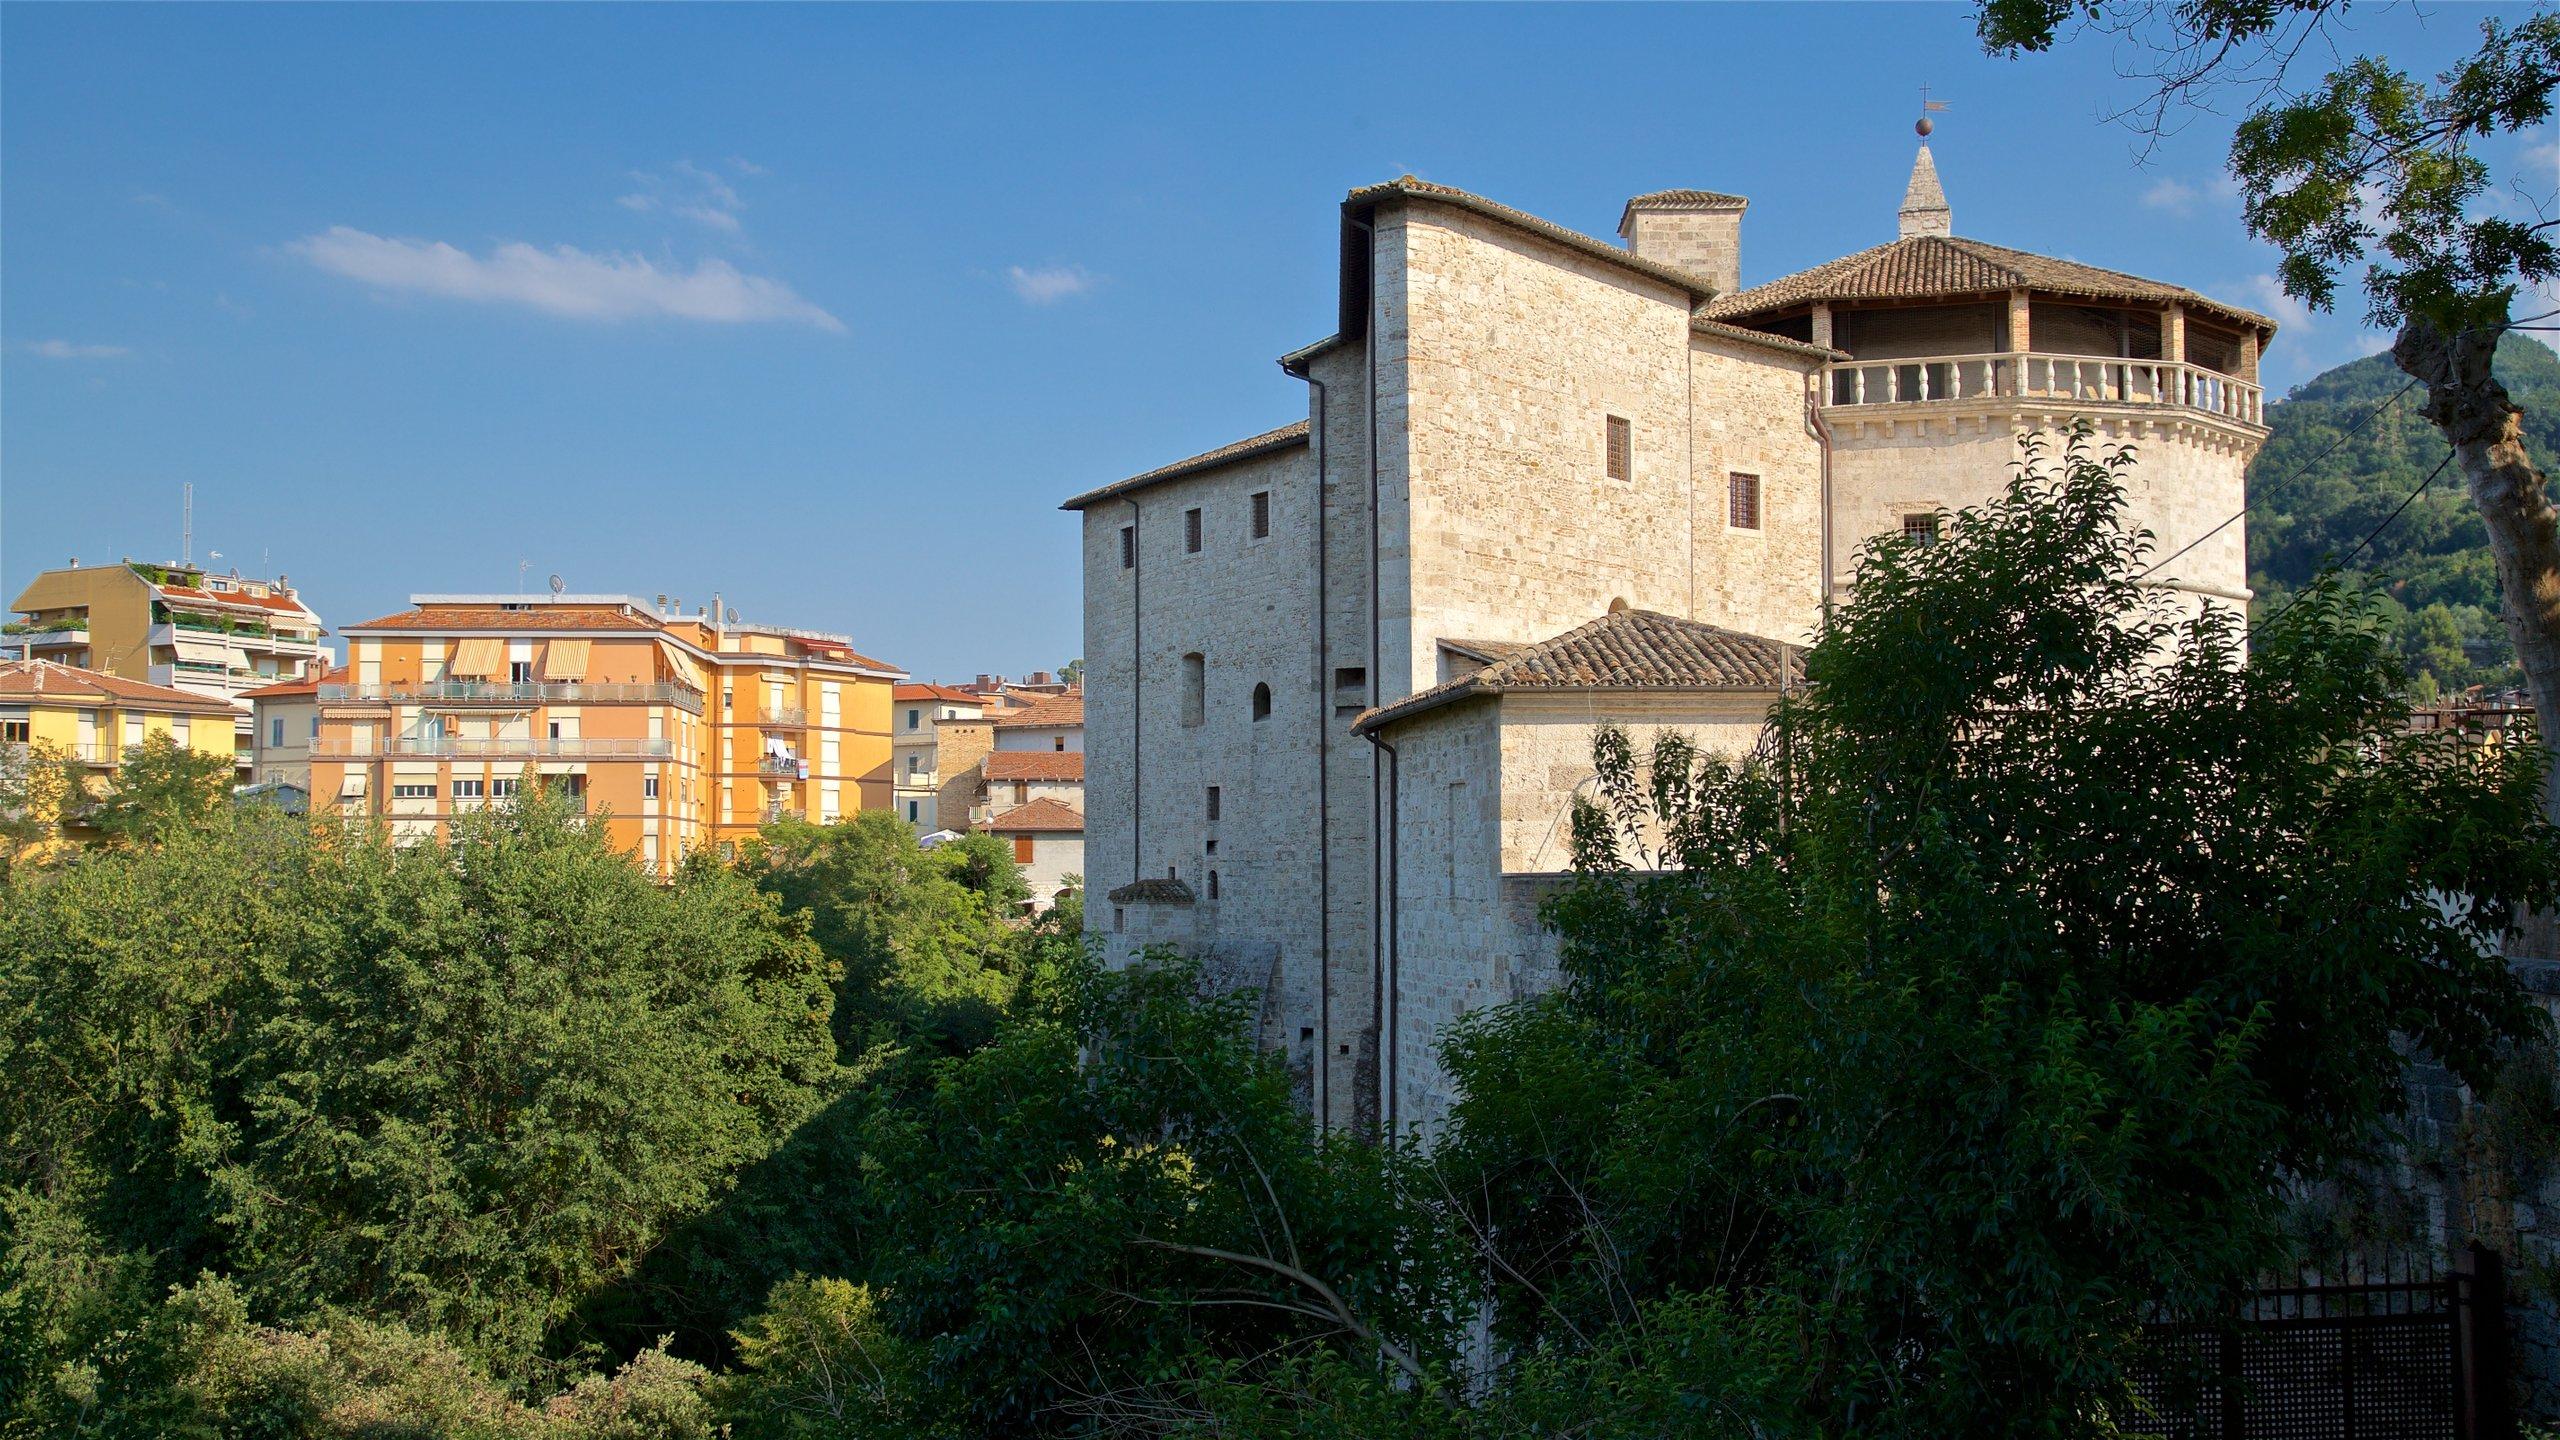 Forte Malatesta, Ascoli Piceno, Marche, Italy